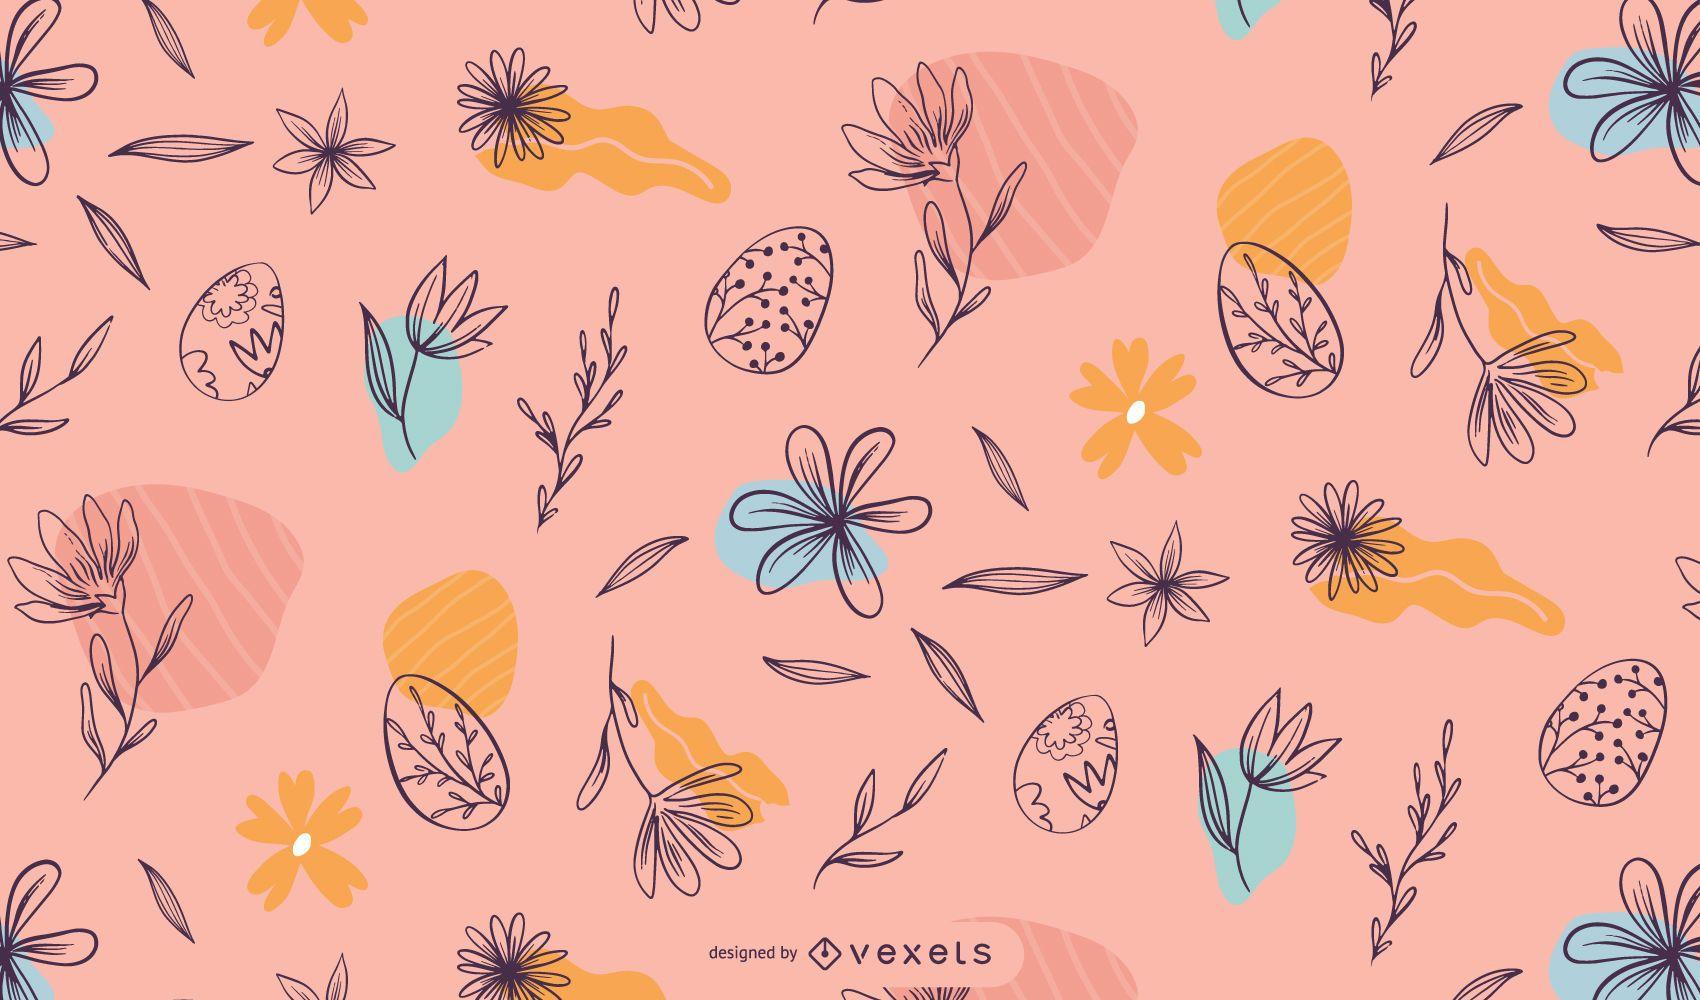 Easter floral pattern design